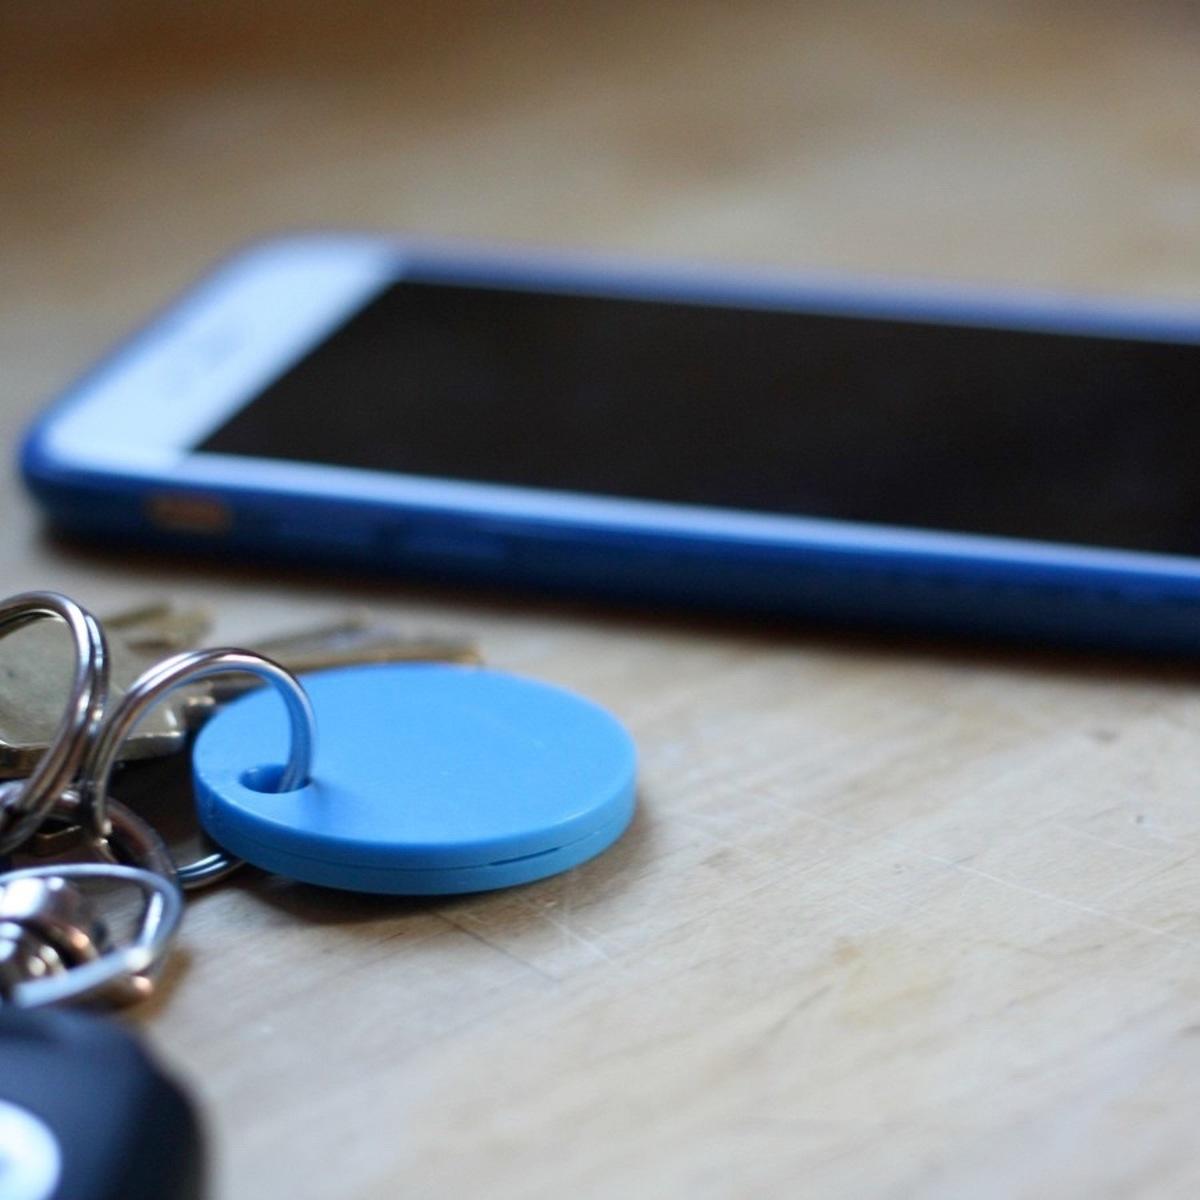 スマートフォンで 、ここまでできる《6選》|あなたの生活がもっと便利になる